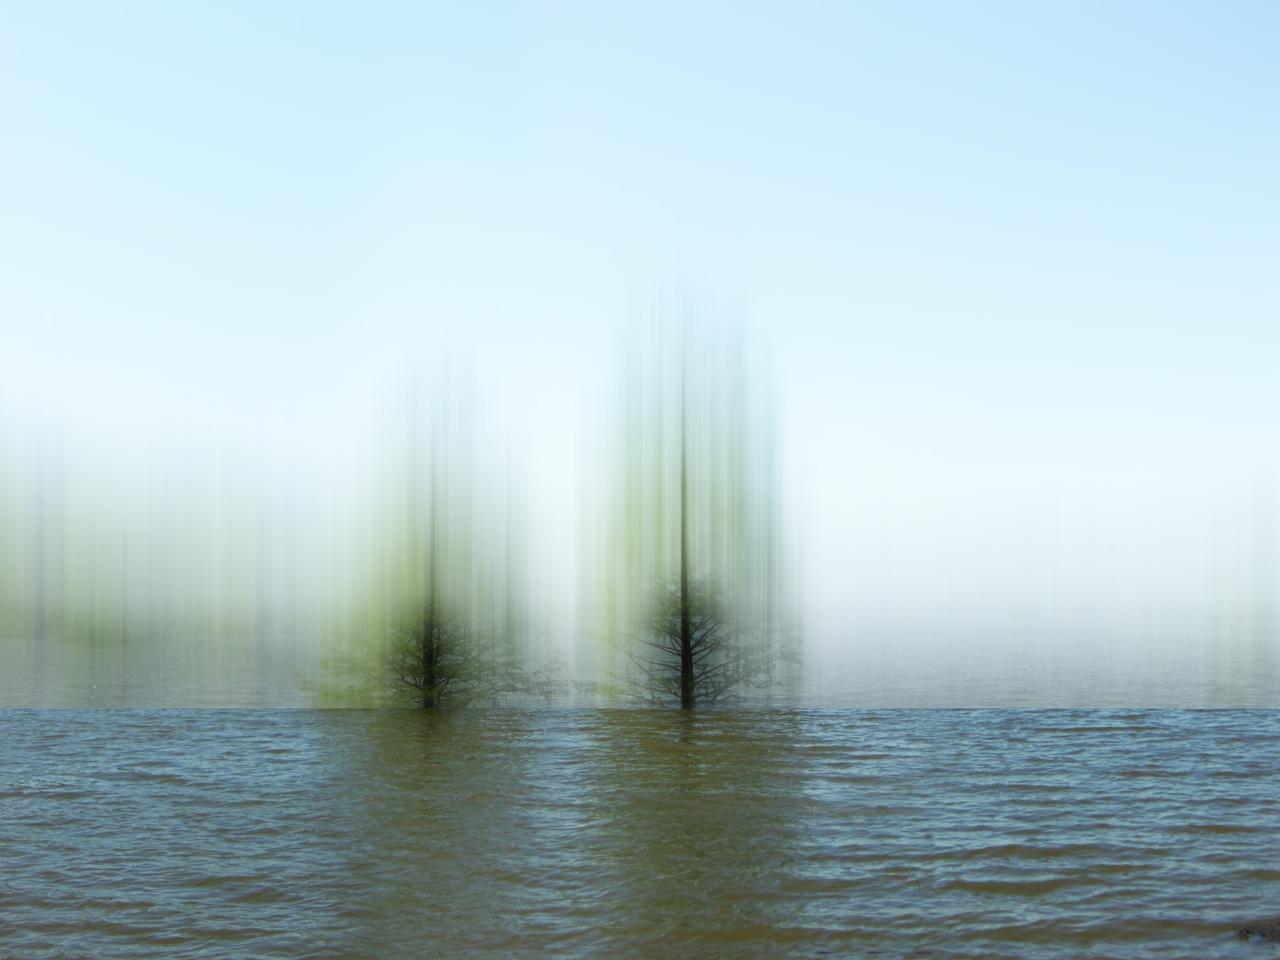 Whetting the Waters © Ellen Jantzen